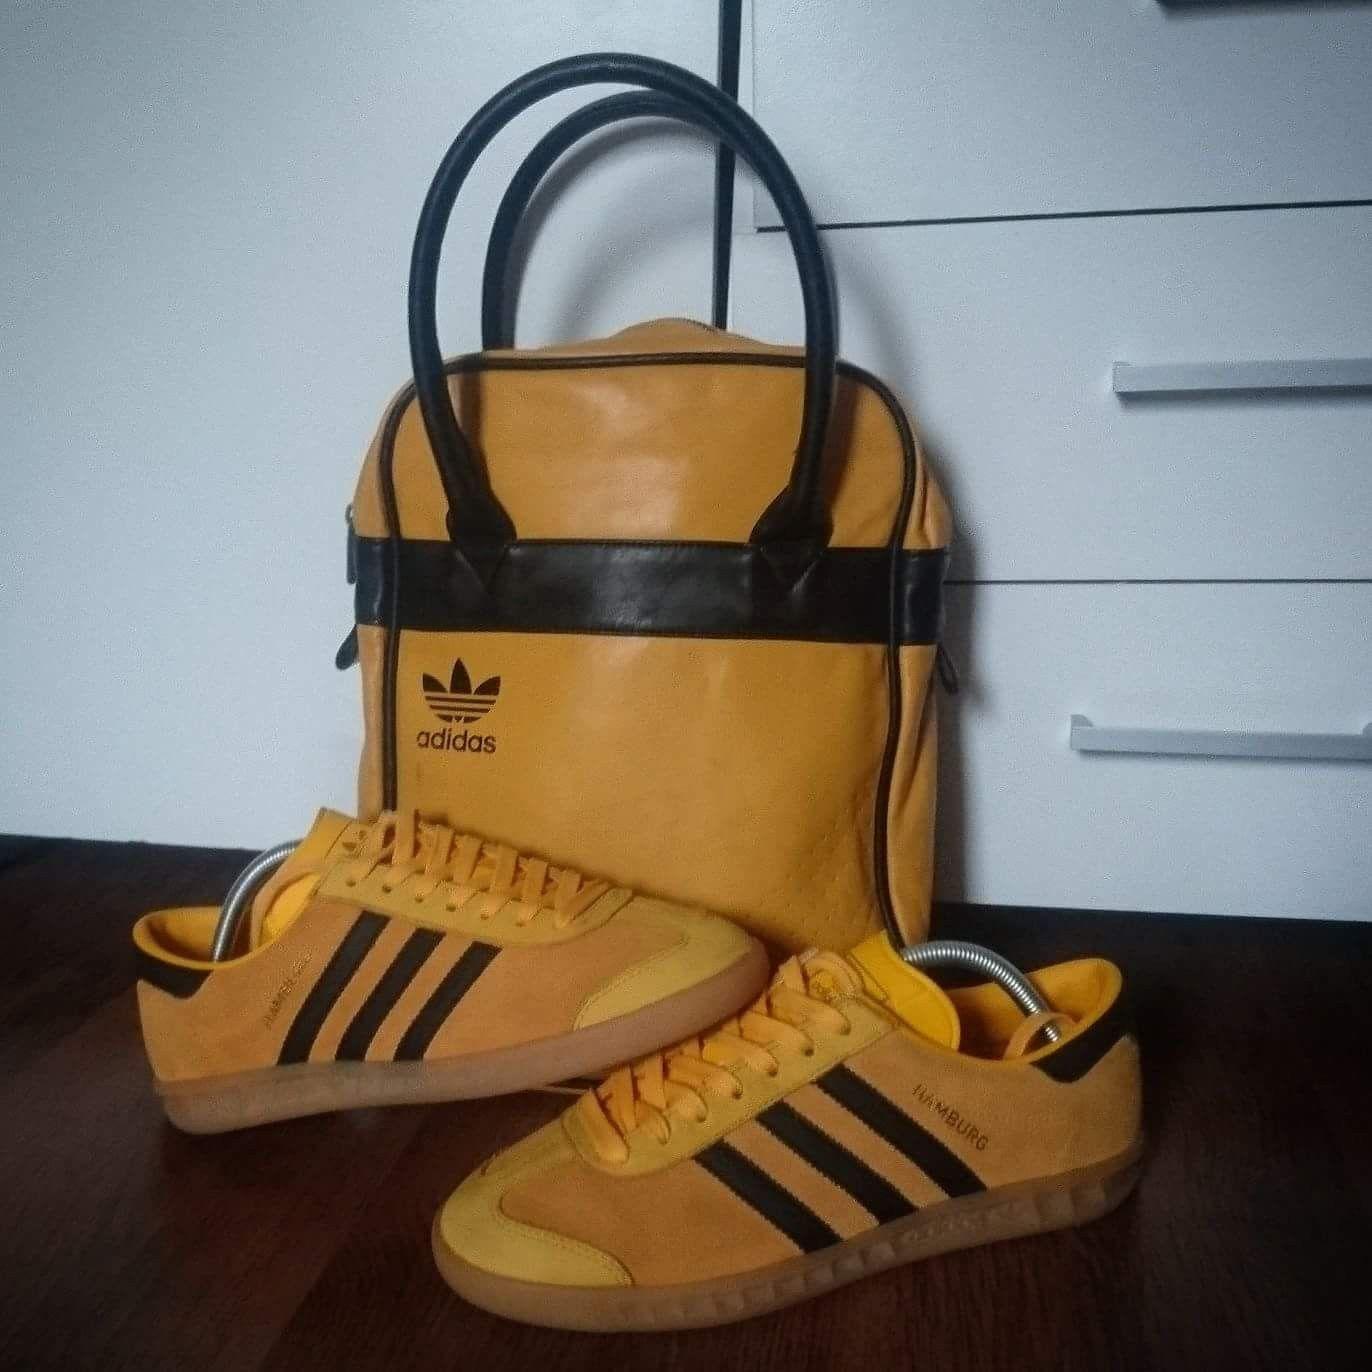 b0ab75481d49 Nice yellow adidas bag and Hamburgs